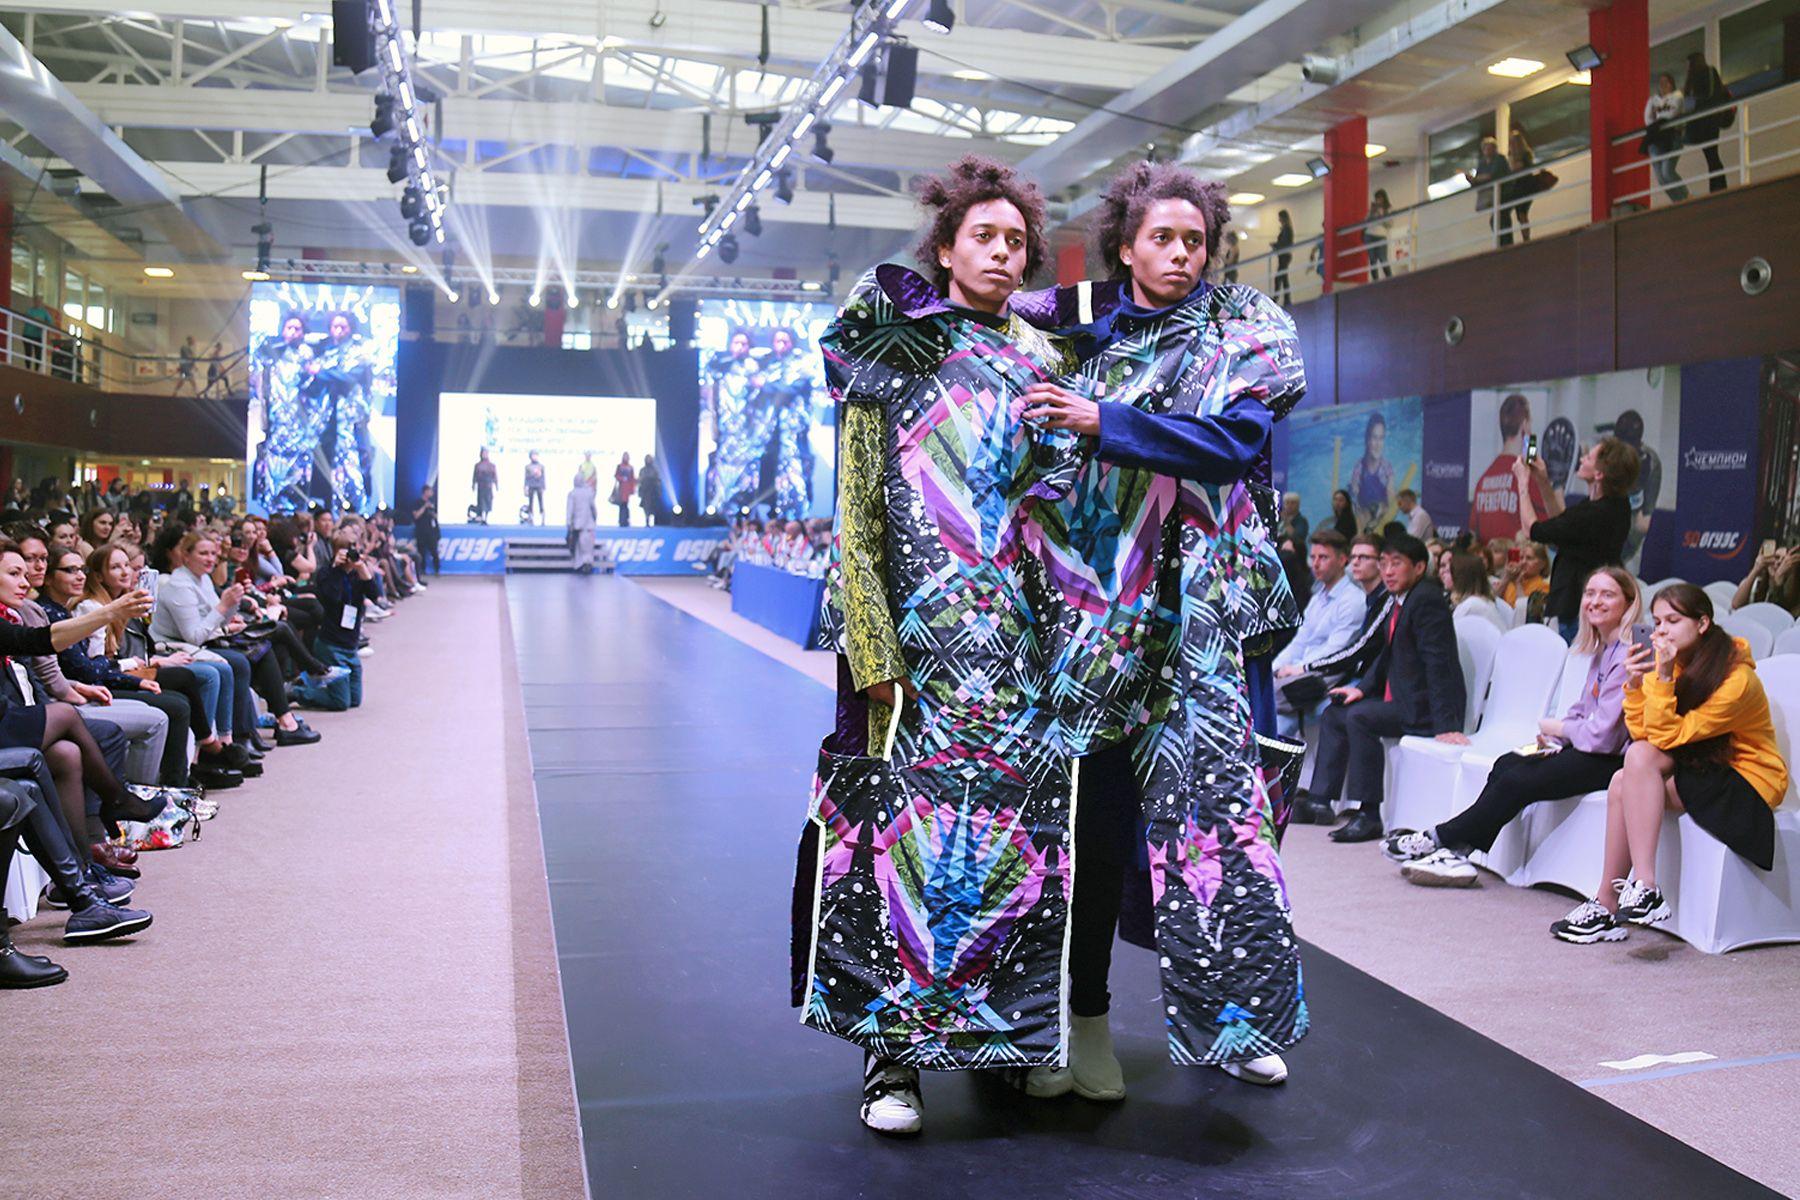 Директор Института сервиса, моды и дизайна Инна Клочко: Cтуденты ВГУЭС формируют моду АТР